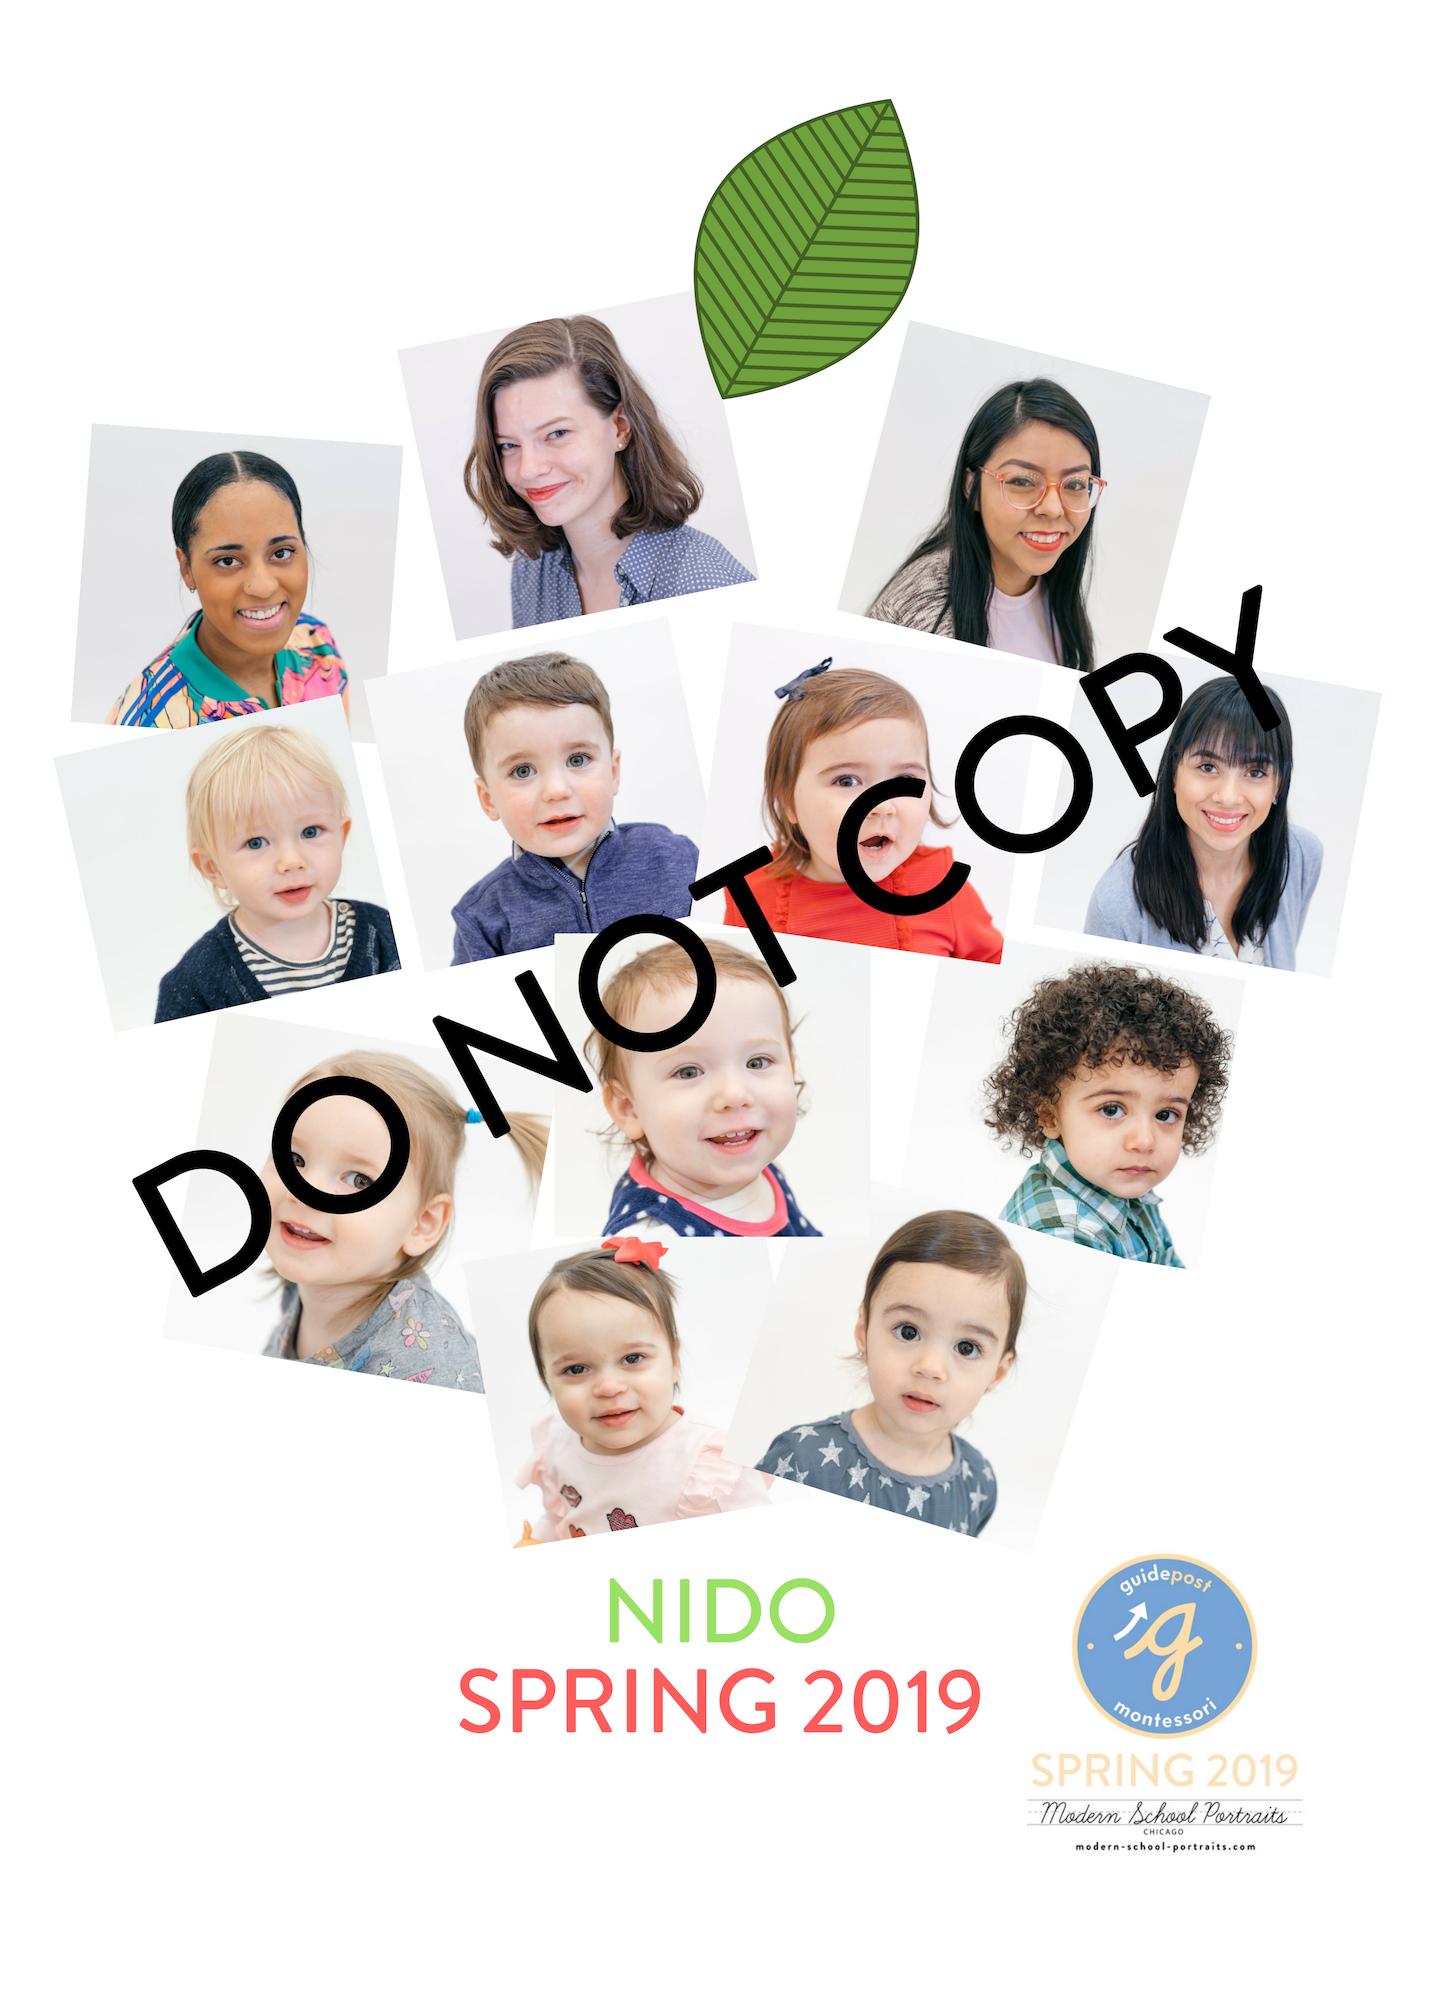 NIDO-GPMMSpr19-donotcopy.jpg